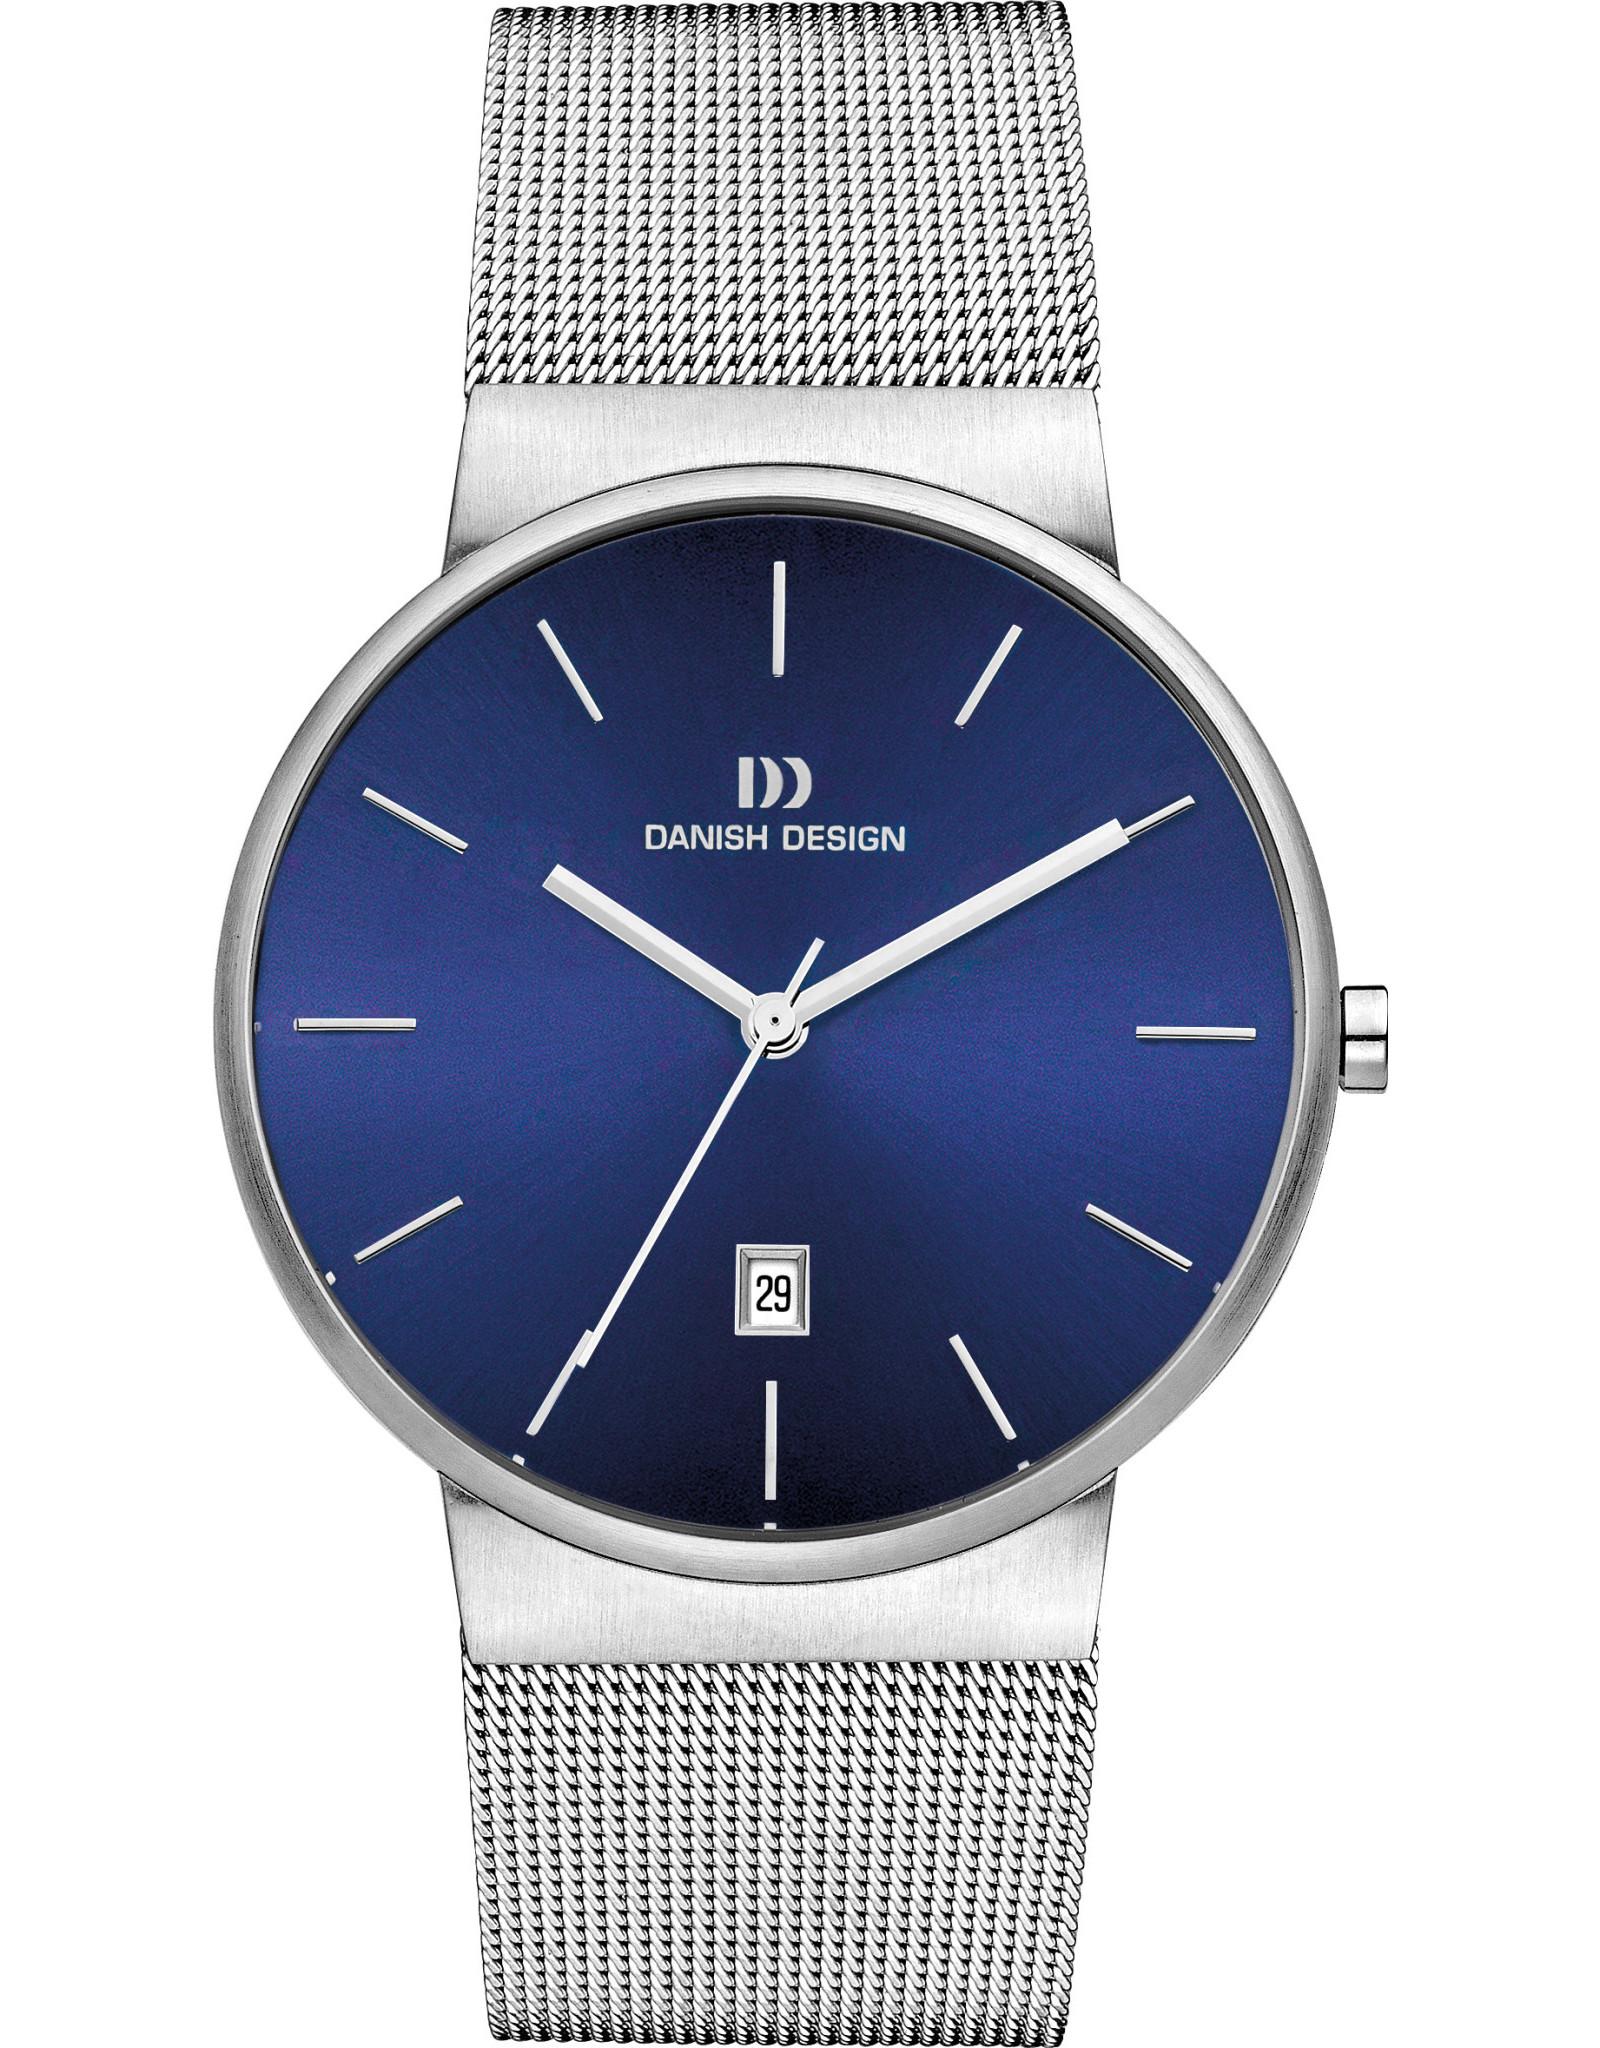 Danish Design Danish Design IQ68Q971